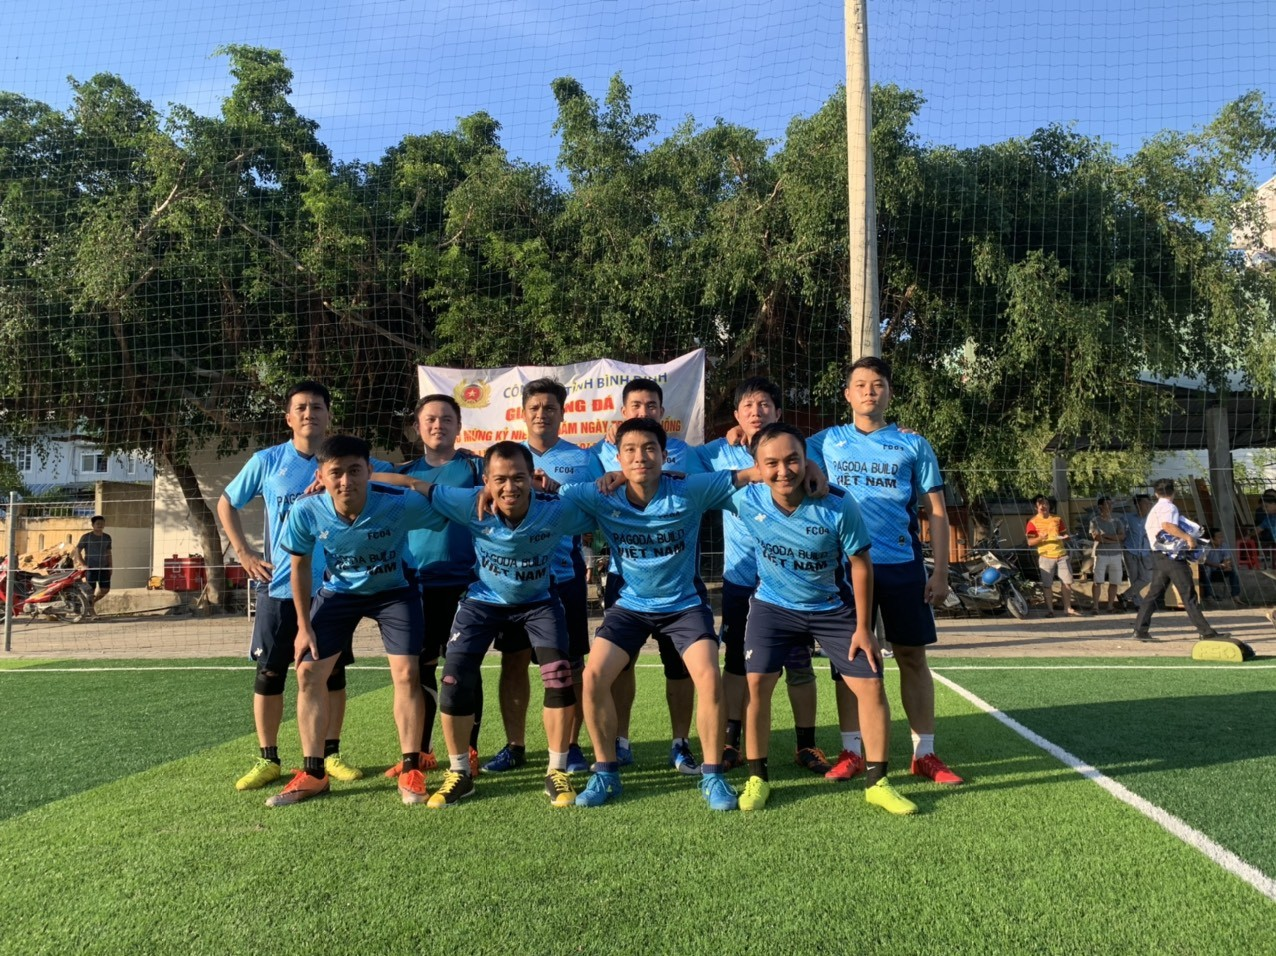 Пагода-Билд спонсор футбольной команды фото 60fc0ee9a621a